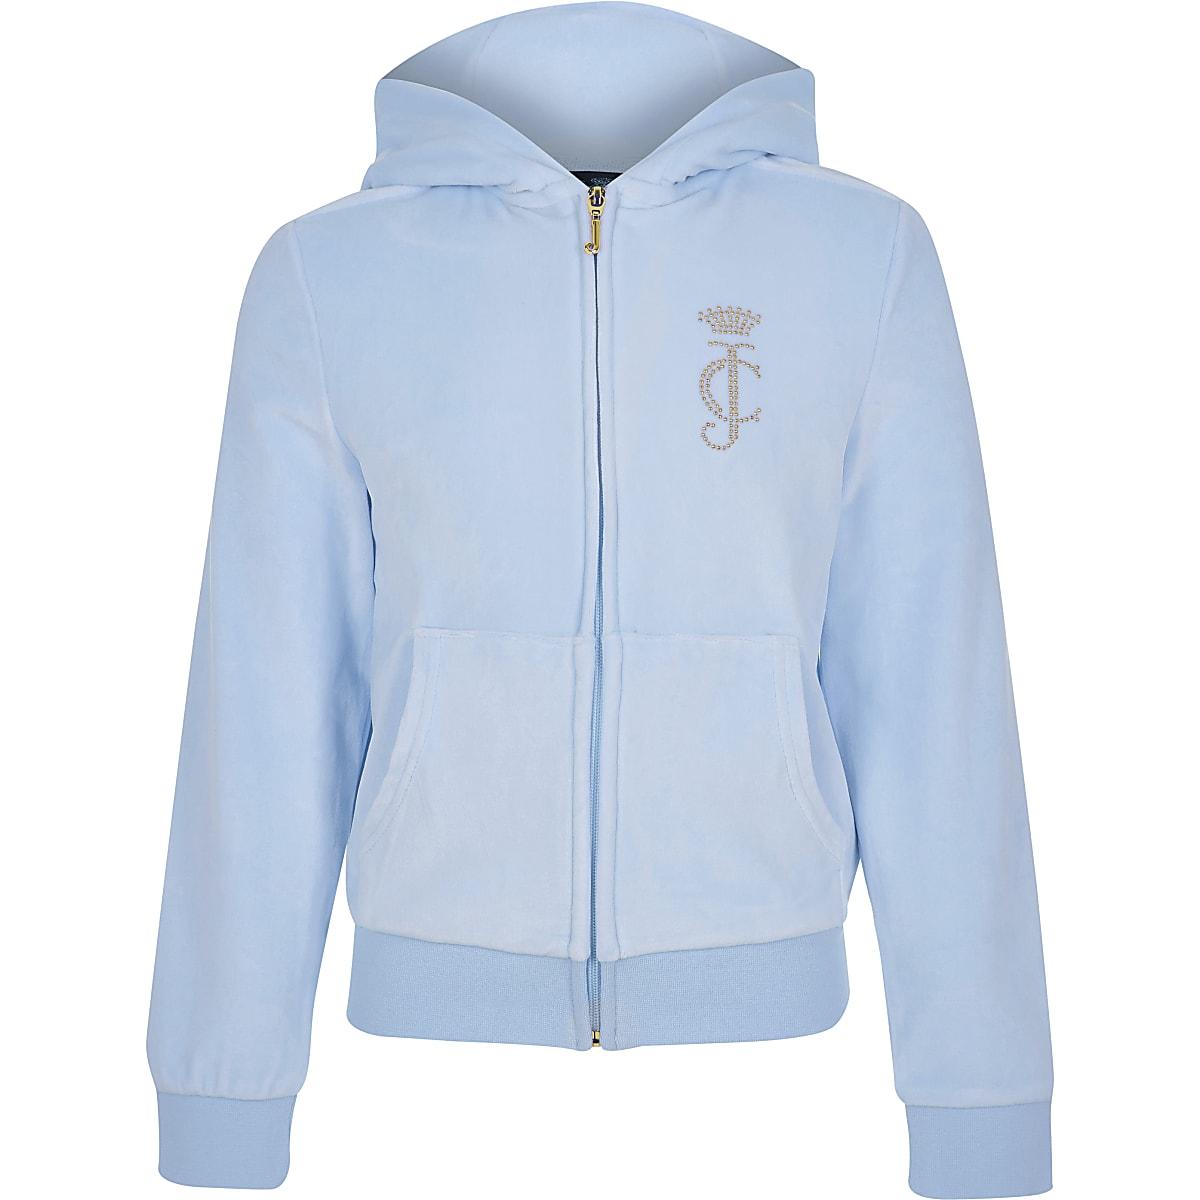 Juicy Couture - Lichtblauwe trainingstop voor meisjes